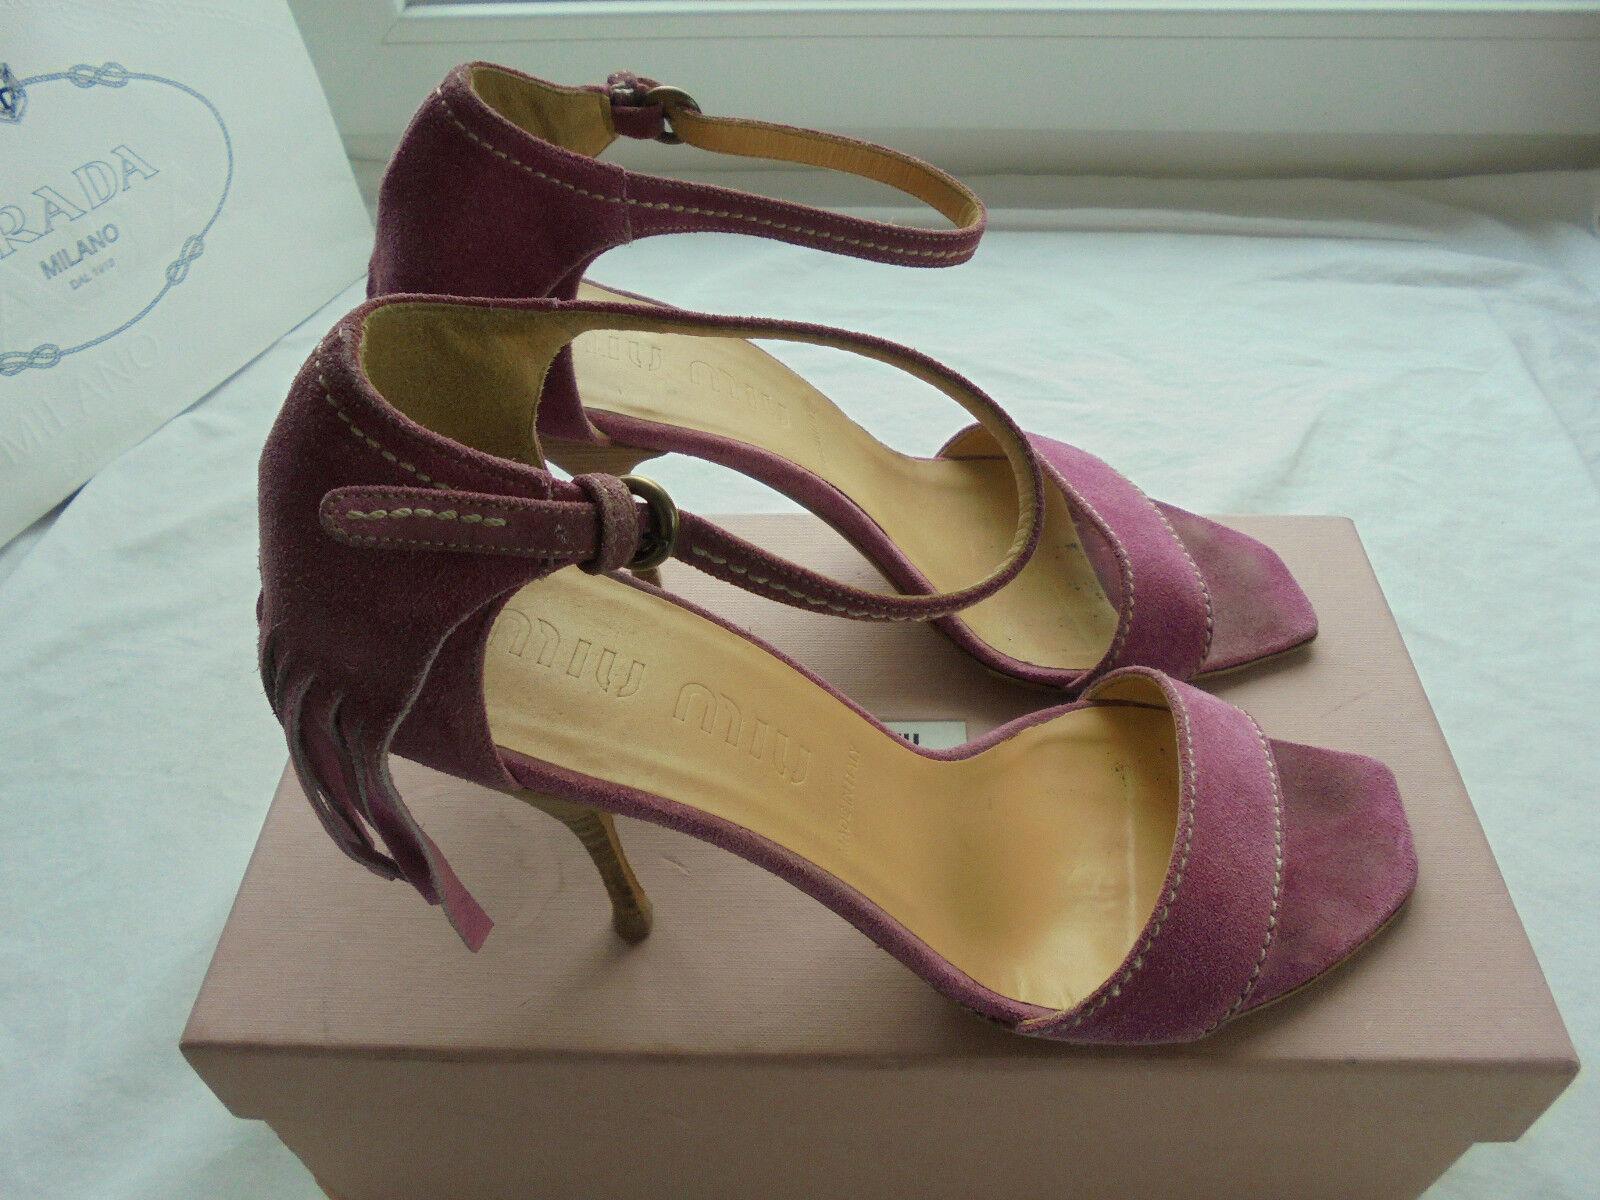 Miu Miu NP: by Prada Leder Sandaletten NP: Miu  w NEU Pumps Schuhe High Heels Gr. 40 dacd4a